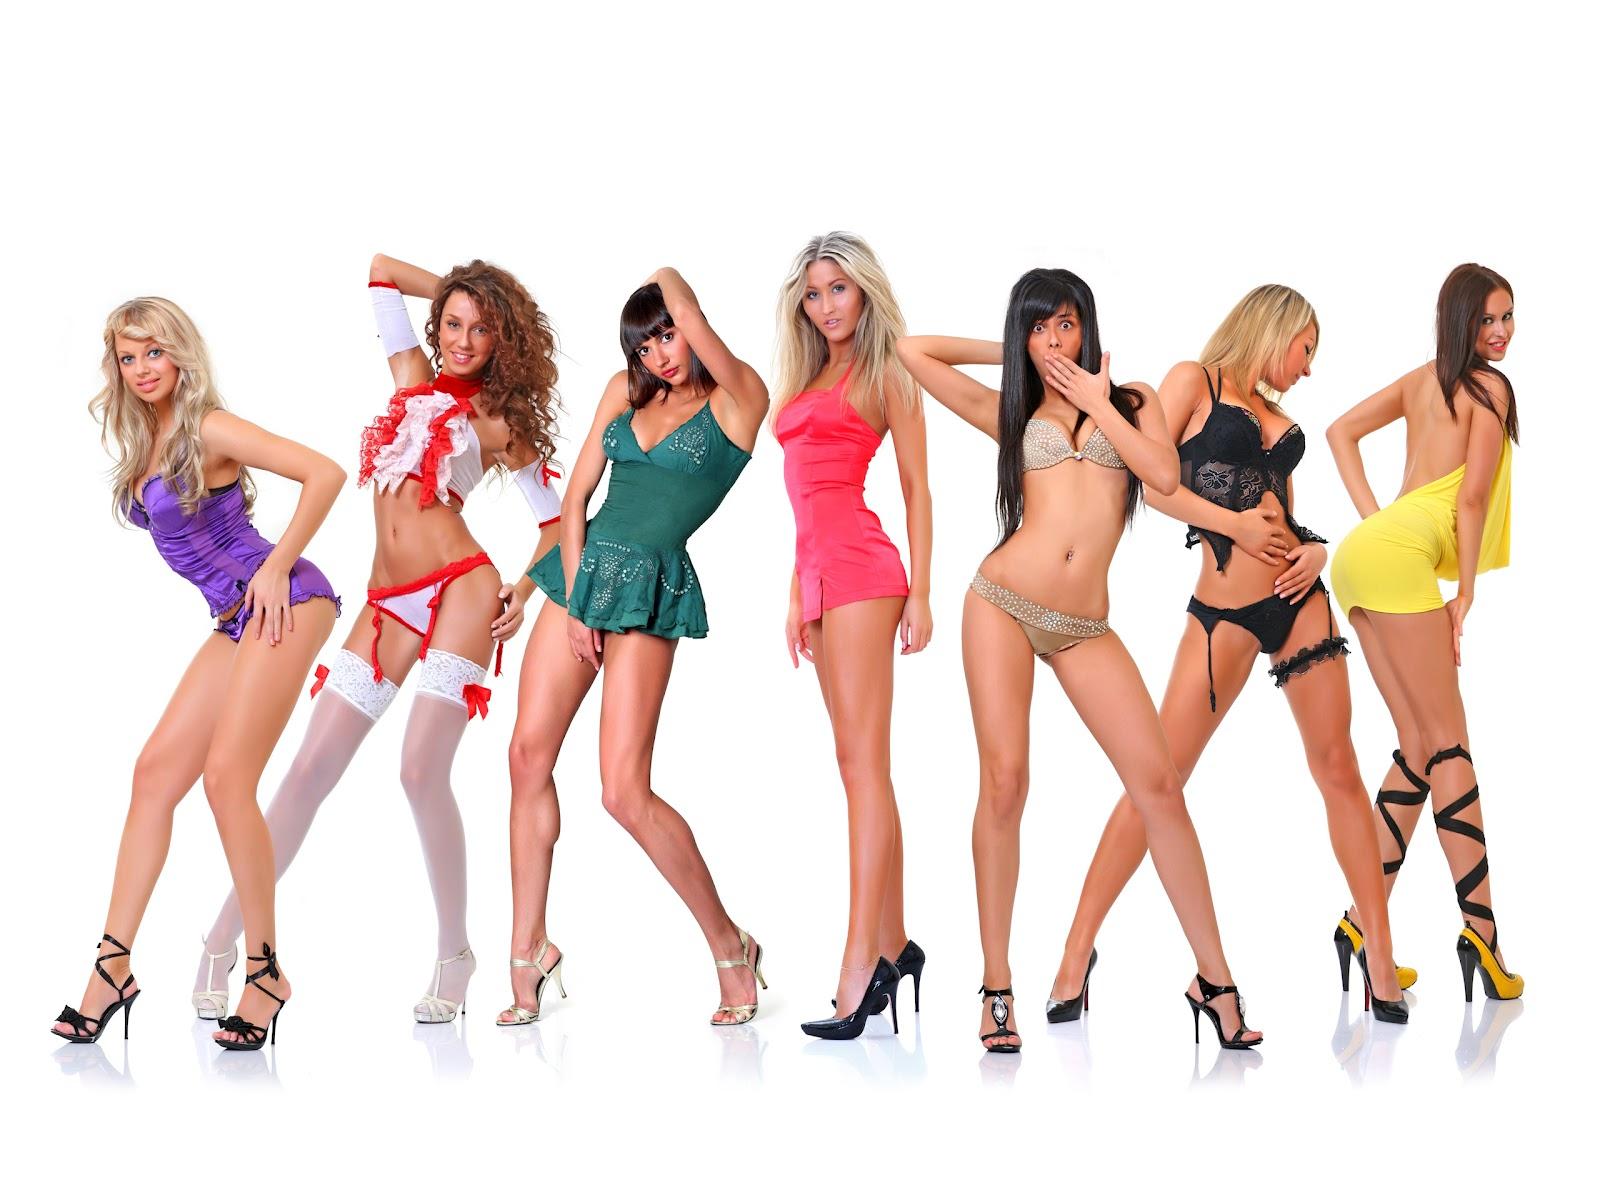 Секси девушки без рекламы 18 фотография